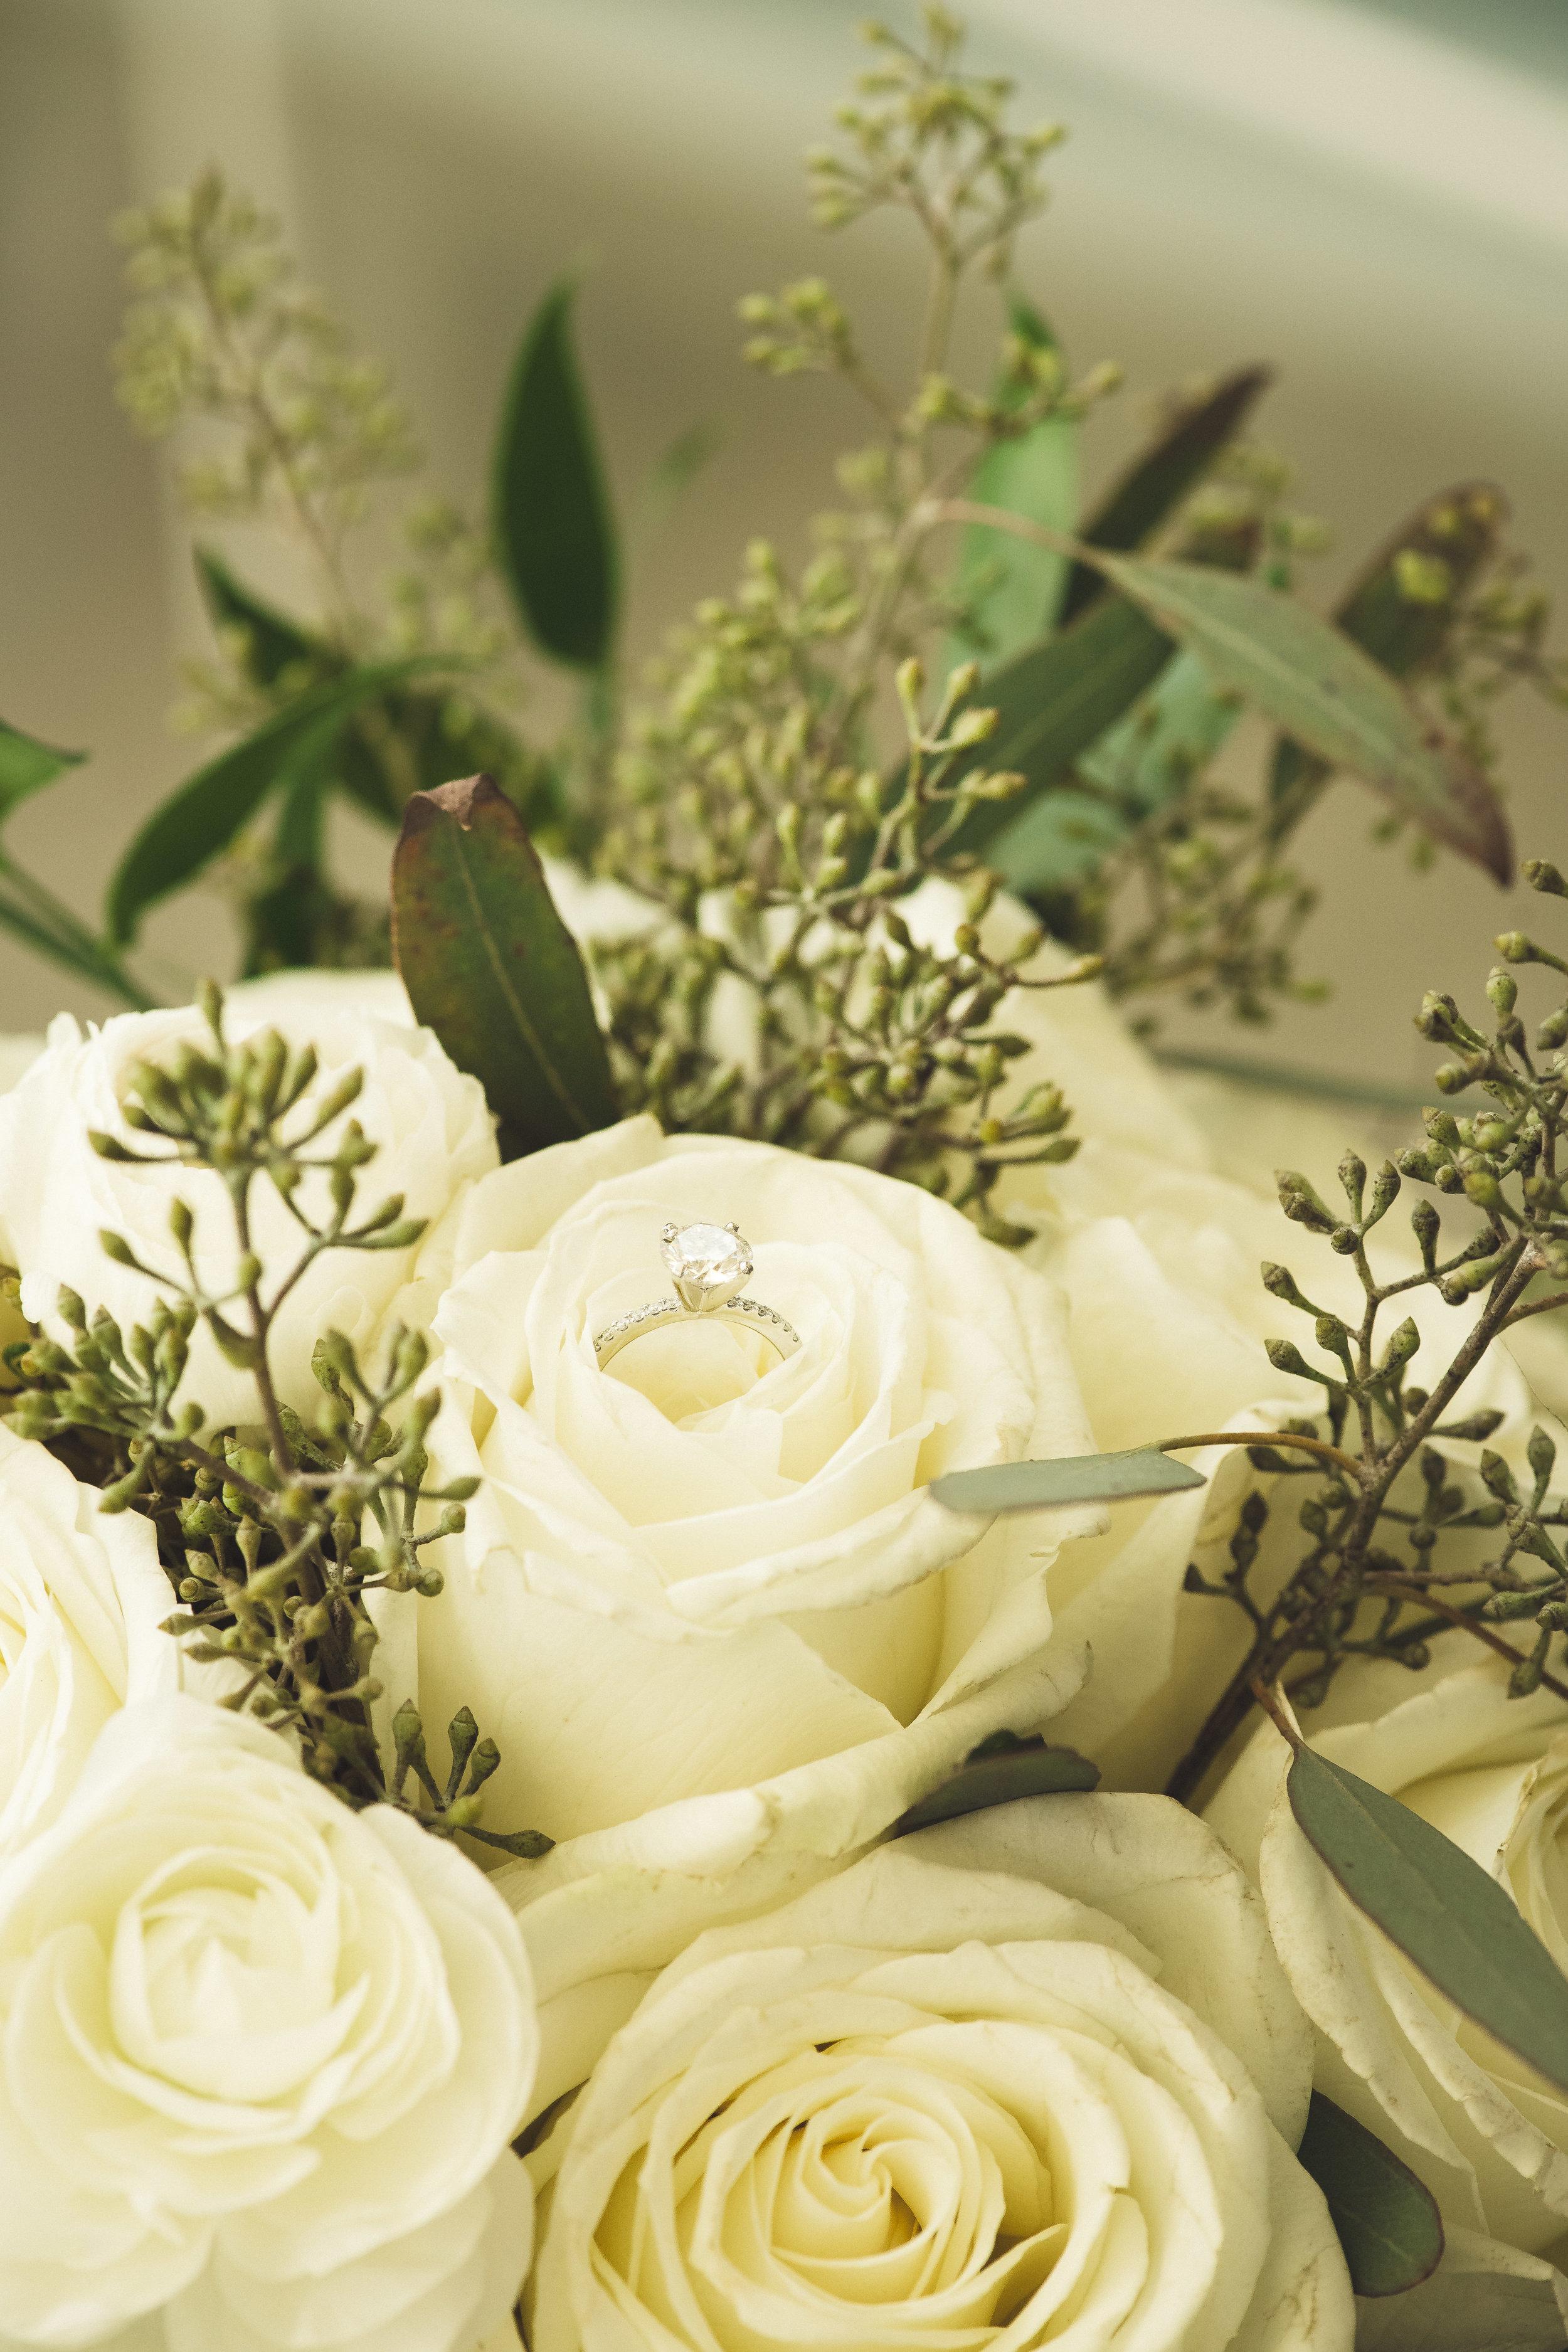 2star_des-moines-wedding-sadie-derek-40.jpg